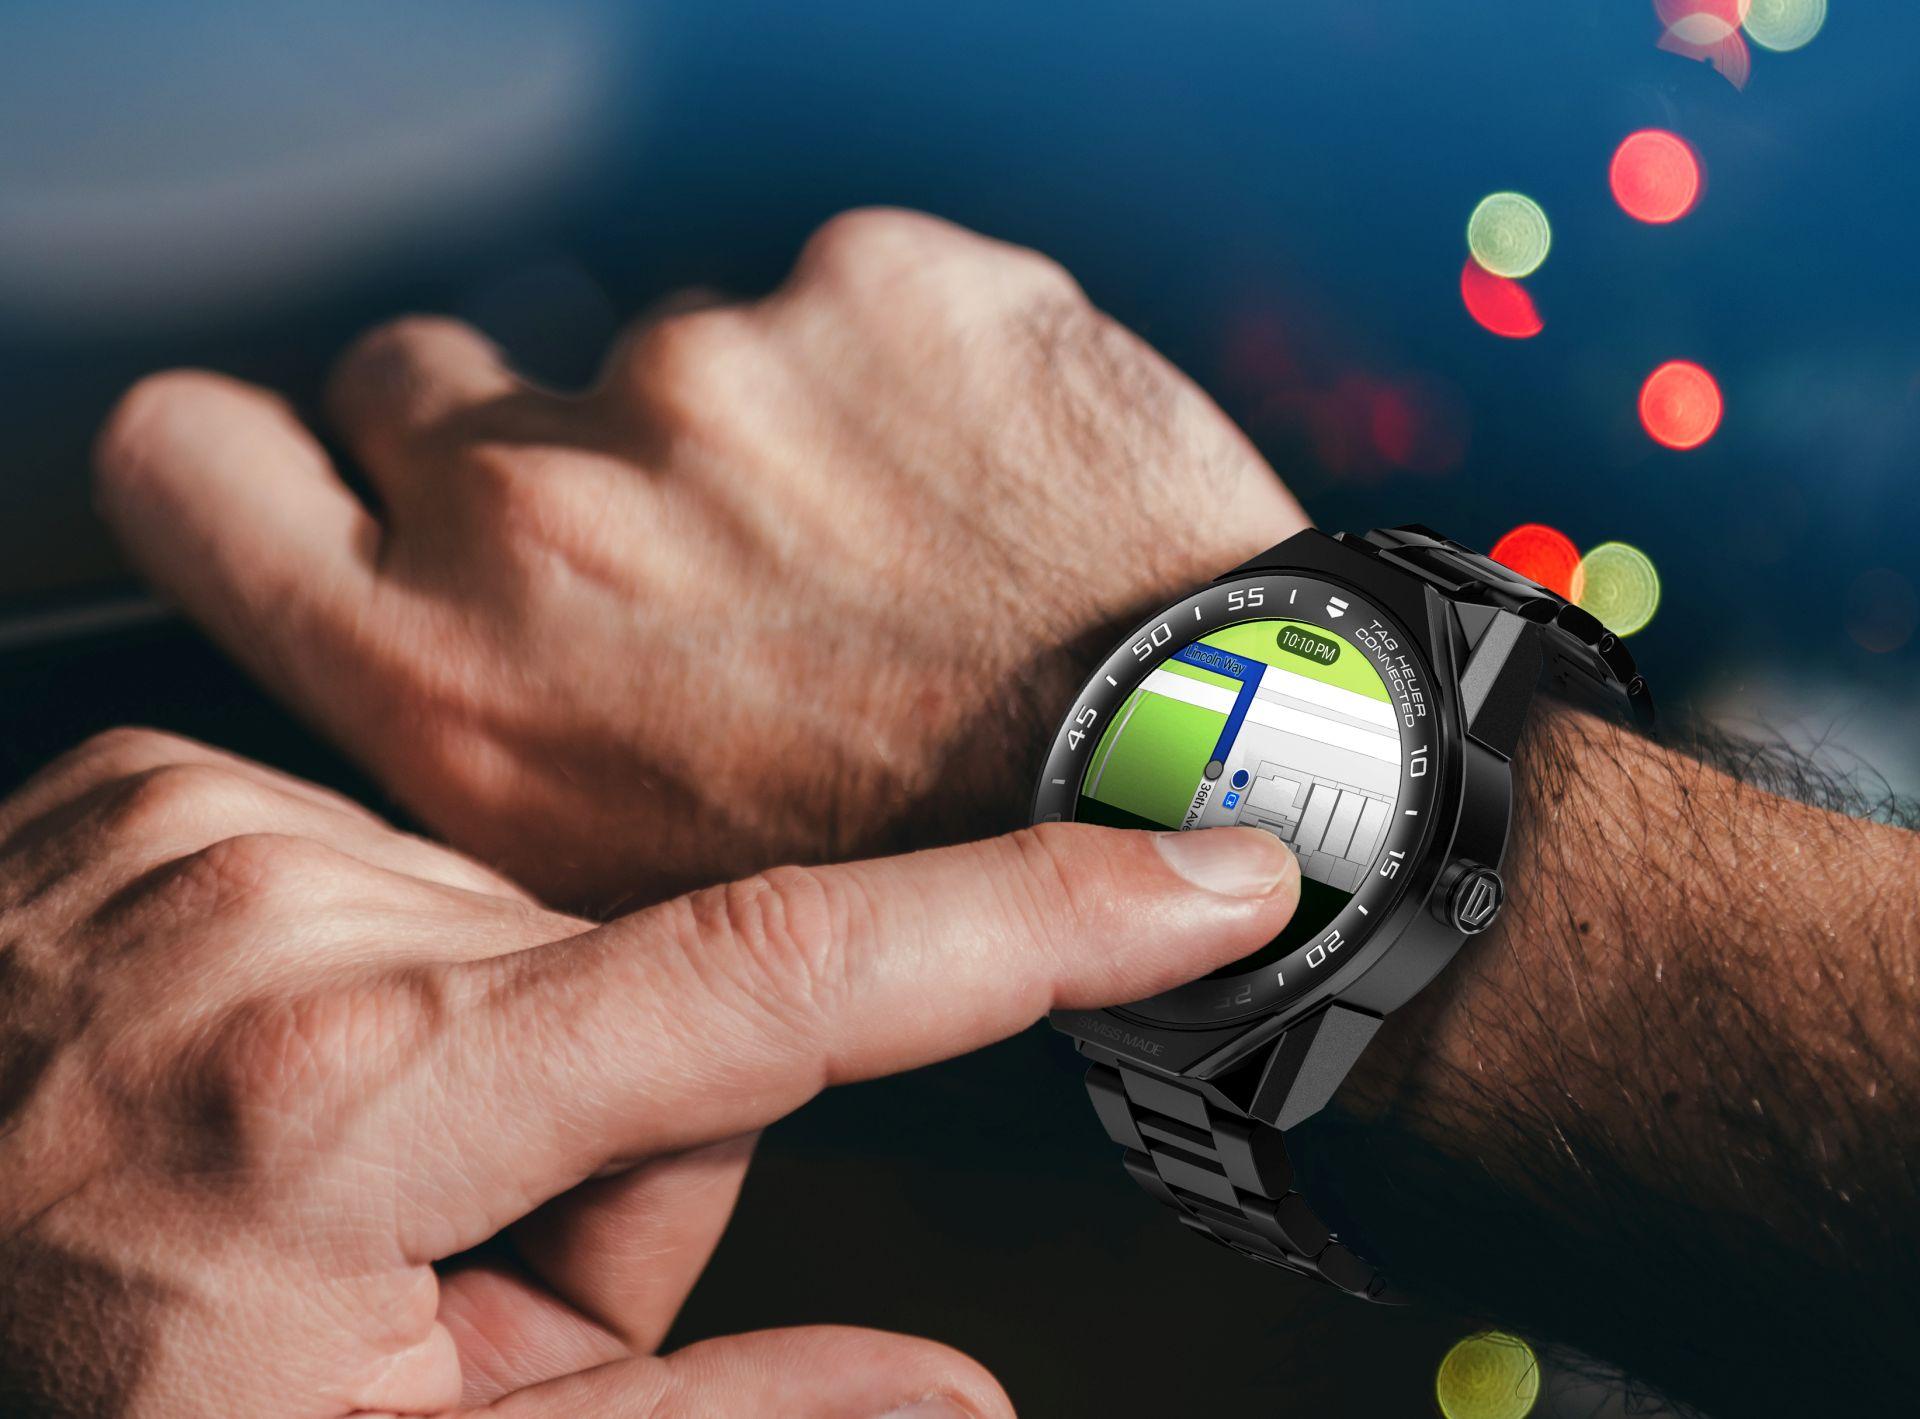 Connected Modular 45: Tag Heuers neue Smartwatch kommt mit mechanischem Uhrwerk -